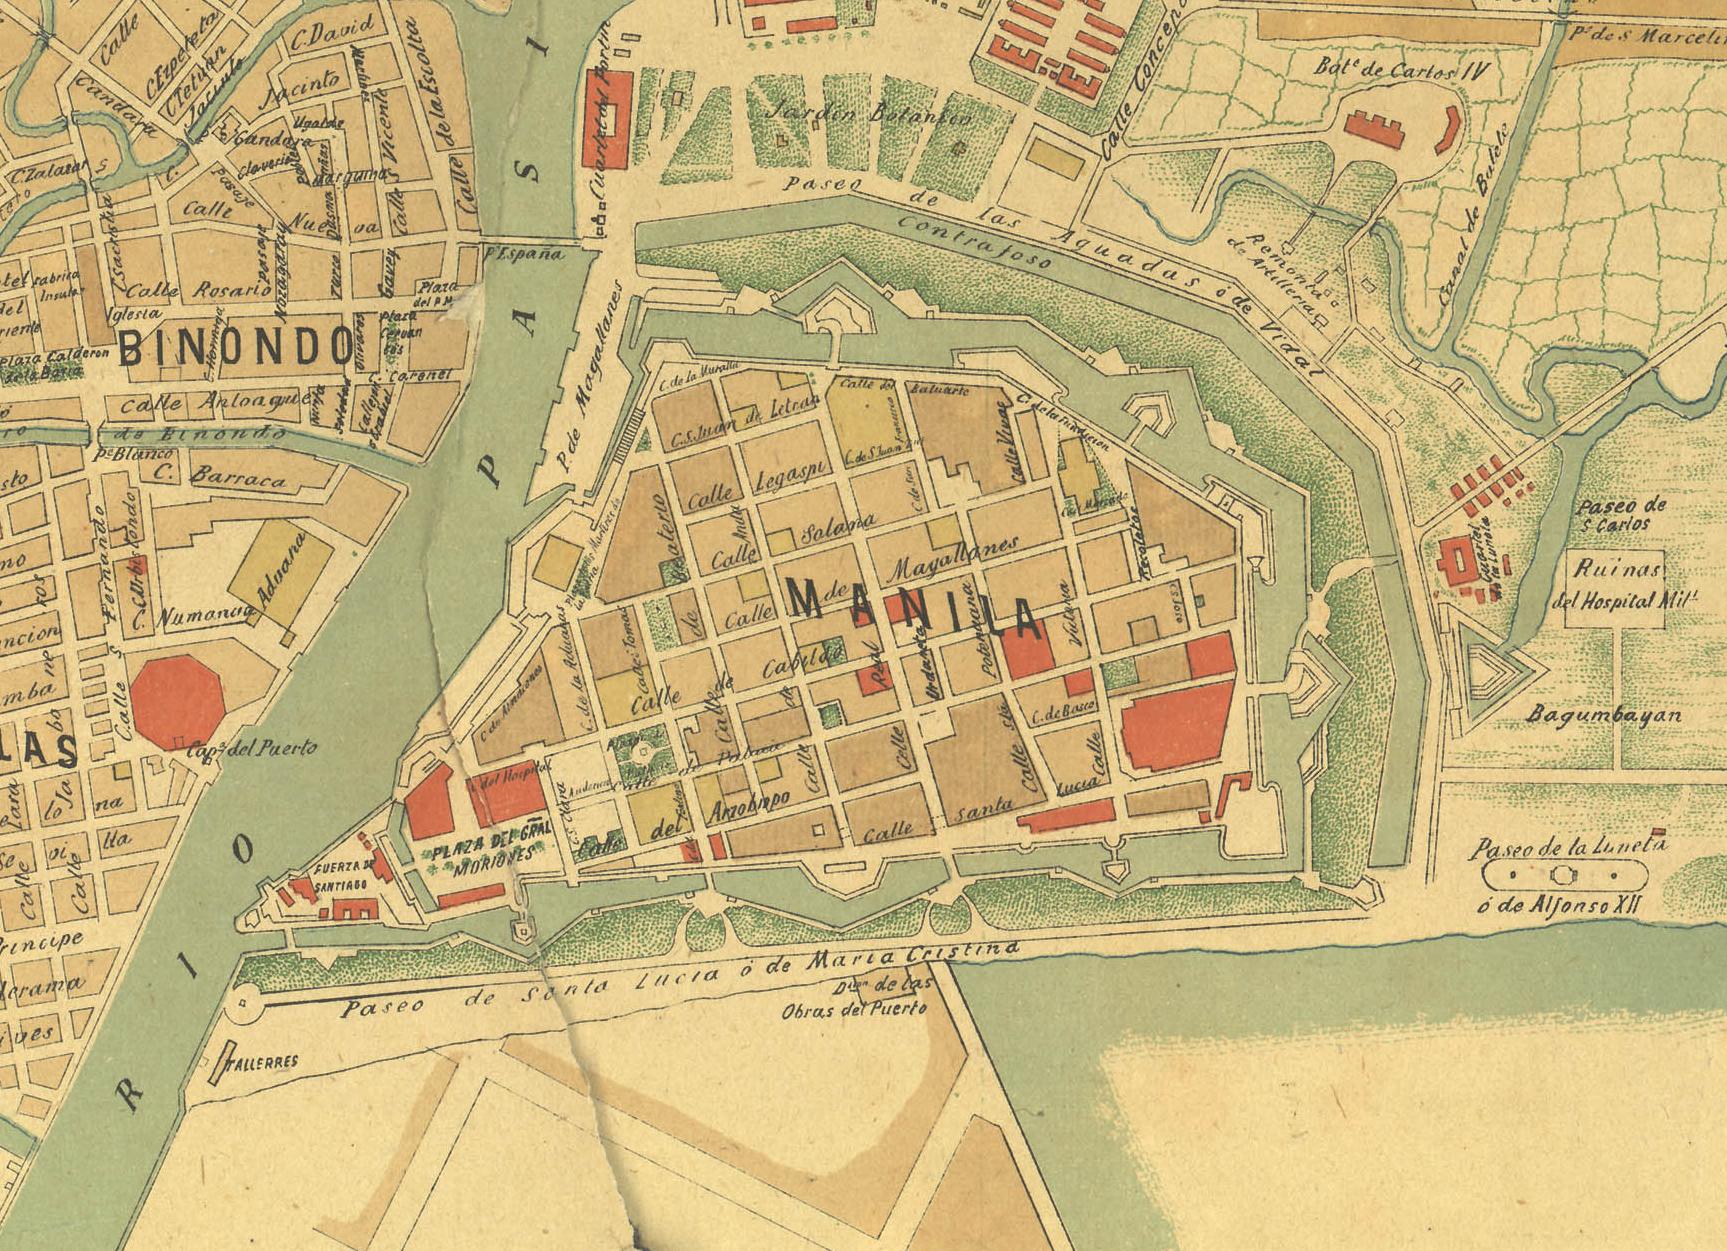 Intramuros_Manila_1898.jpg